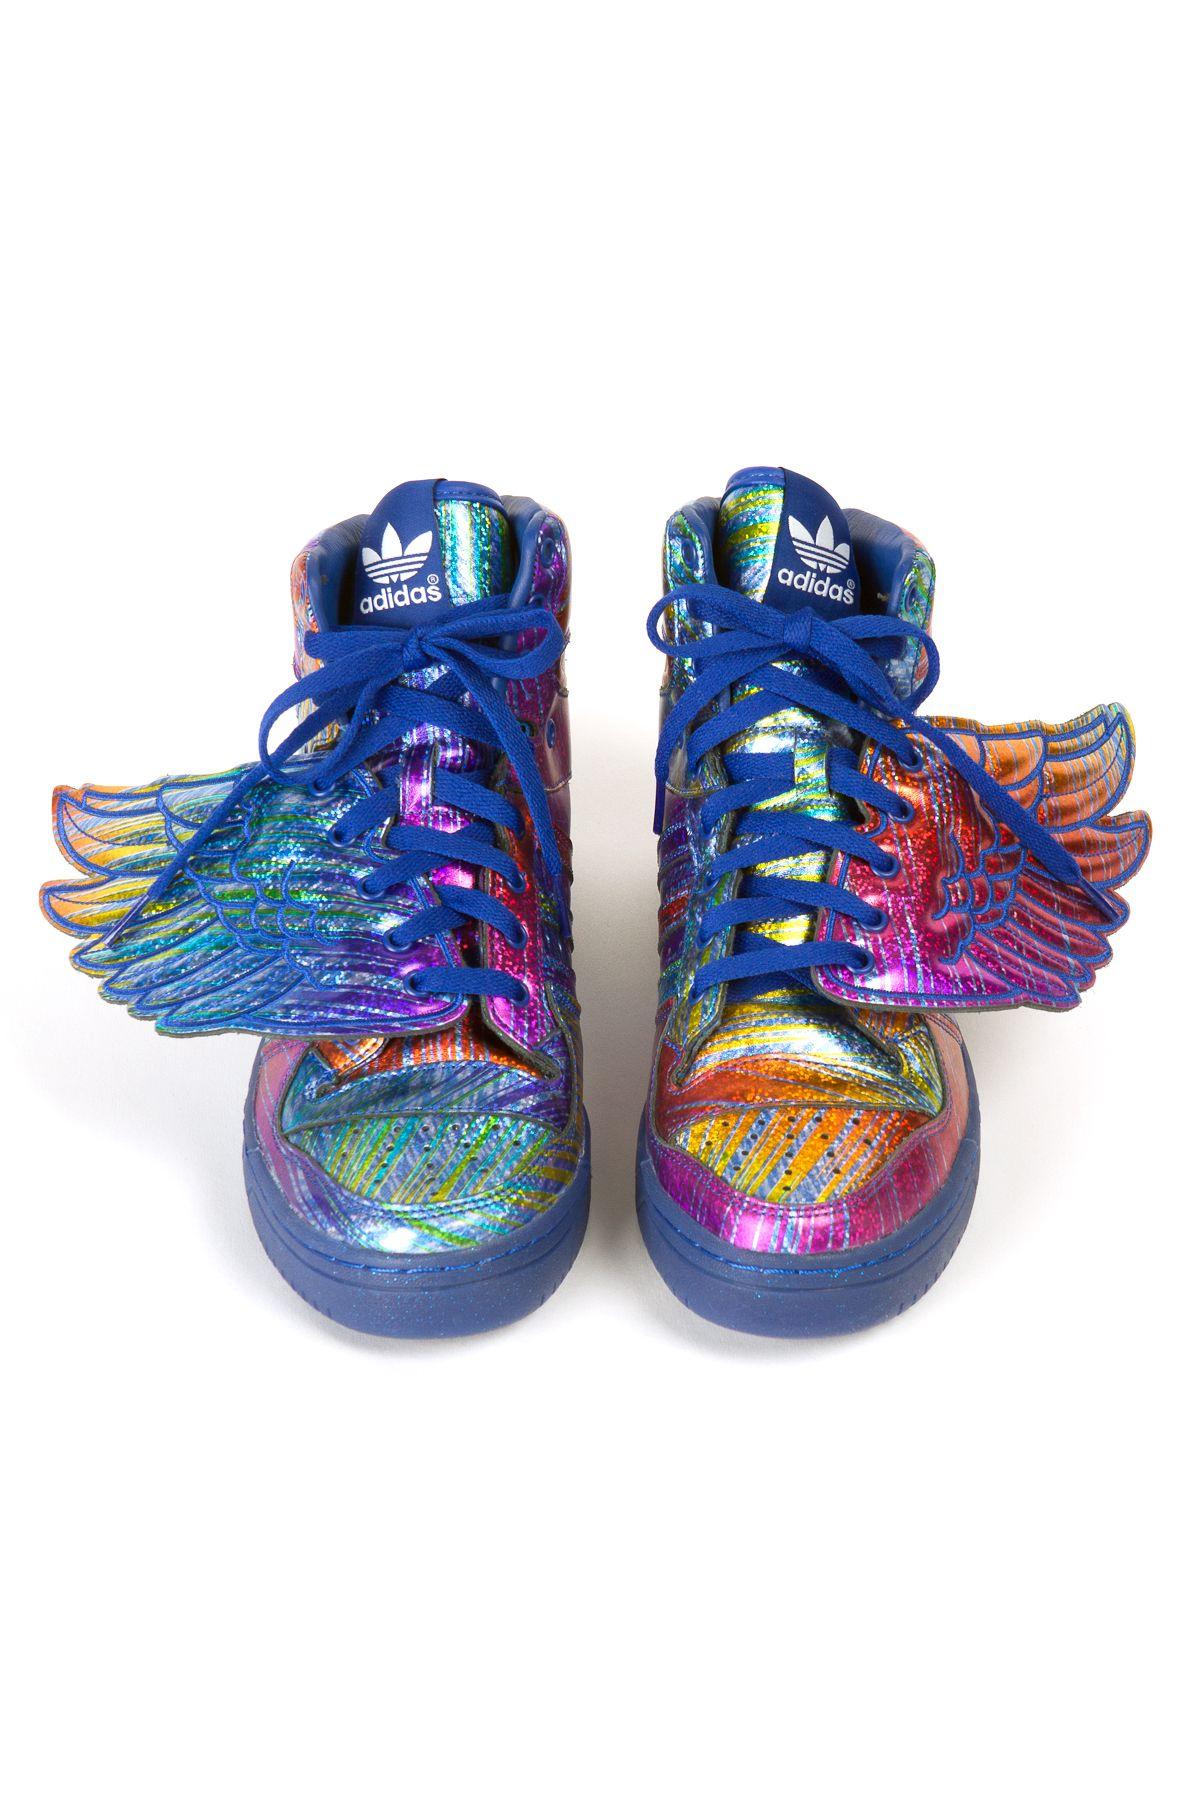 JS Wings Sneakers by Jeremy Scott x Adidas.